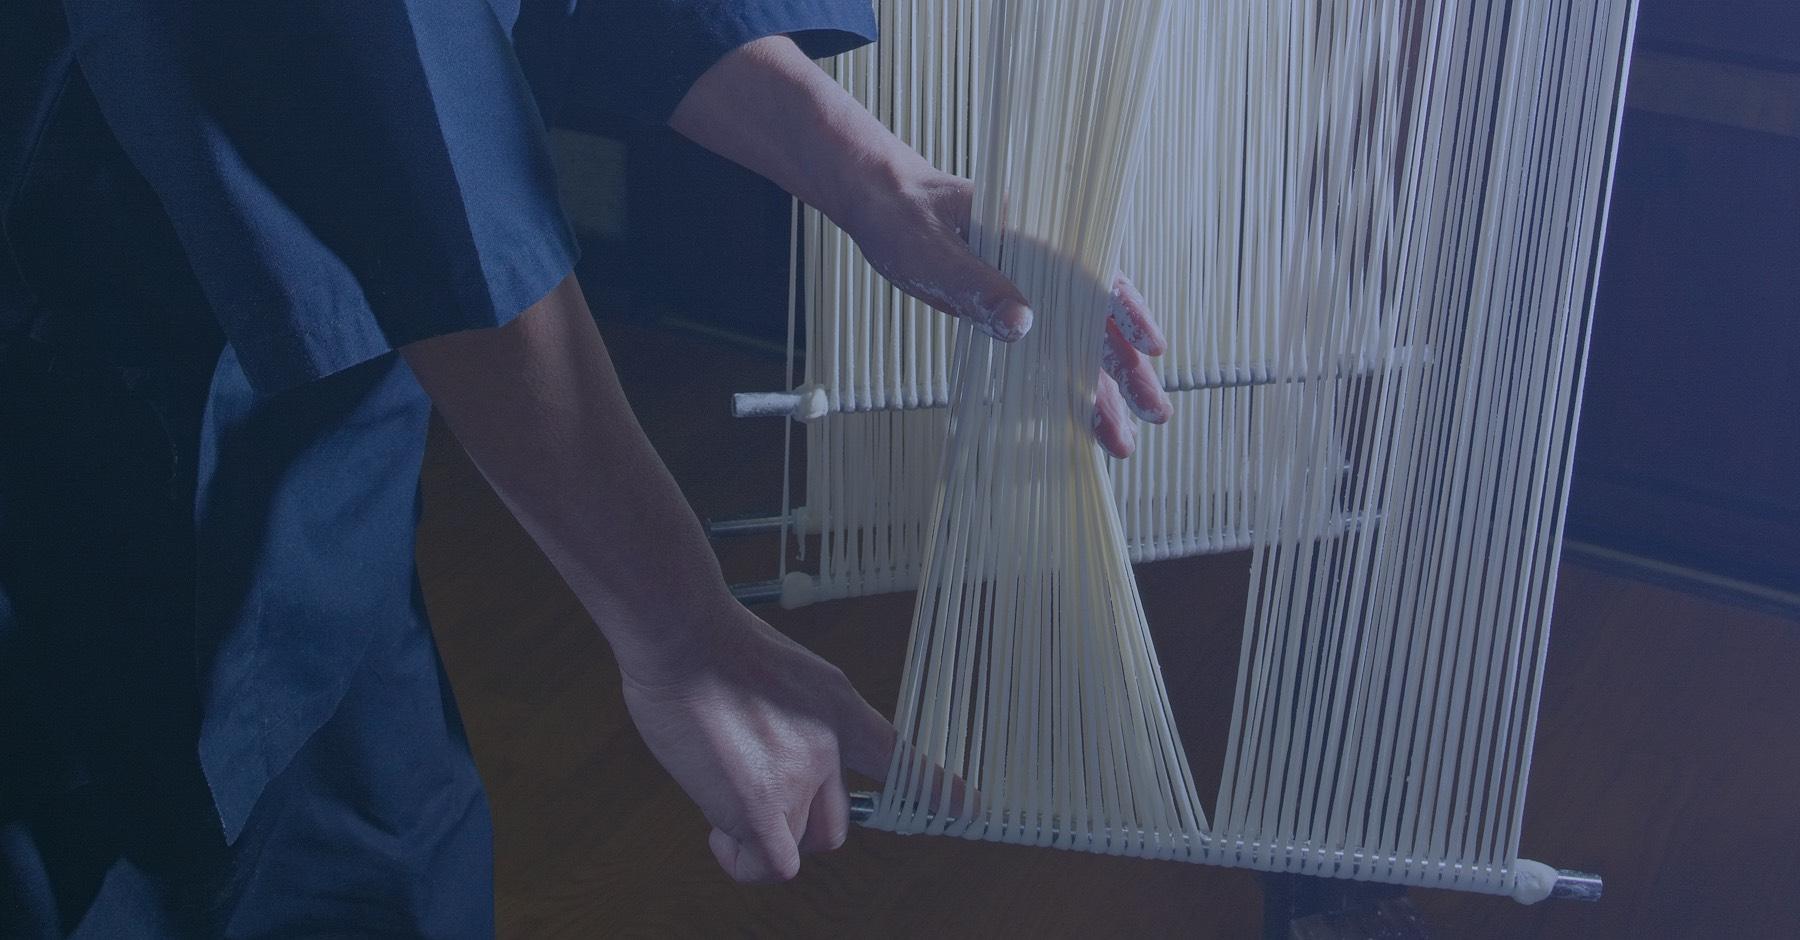 稲庭うどん 佐藤養助 メインイメージ 三百有余年の時を重ねた手作りの技術品